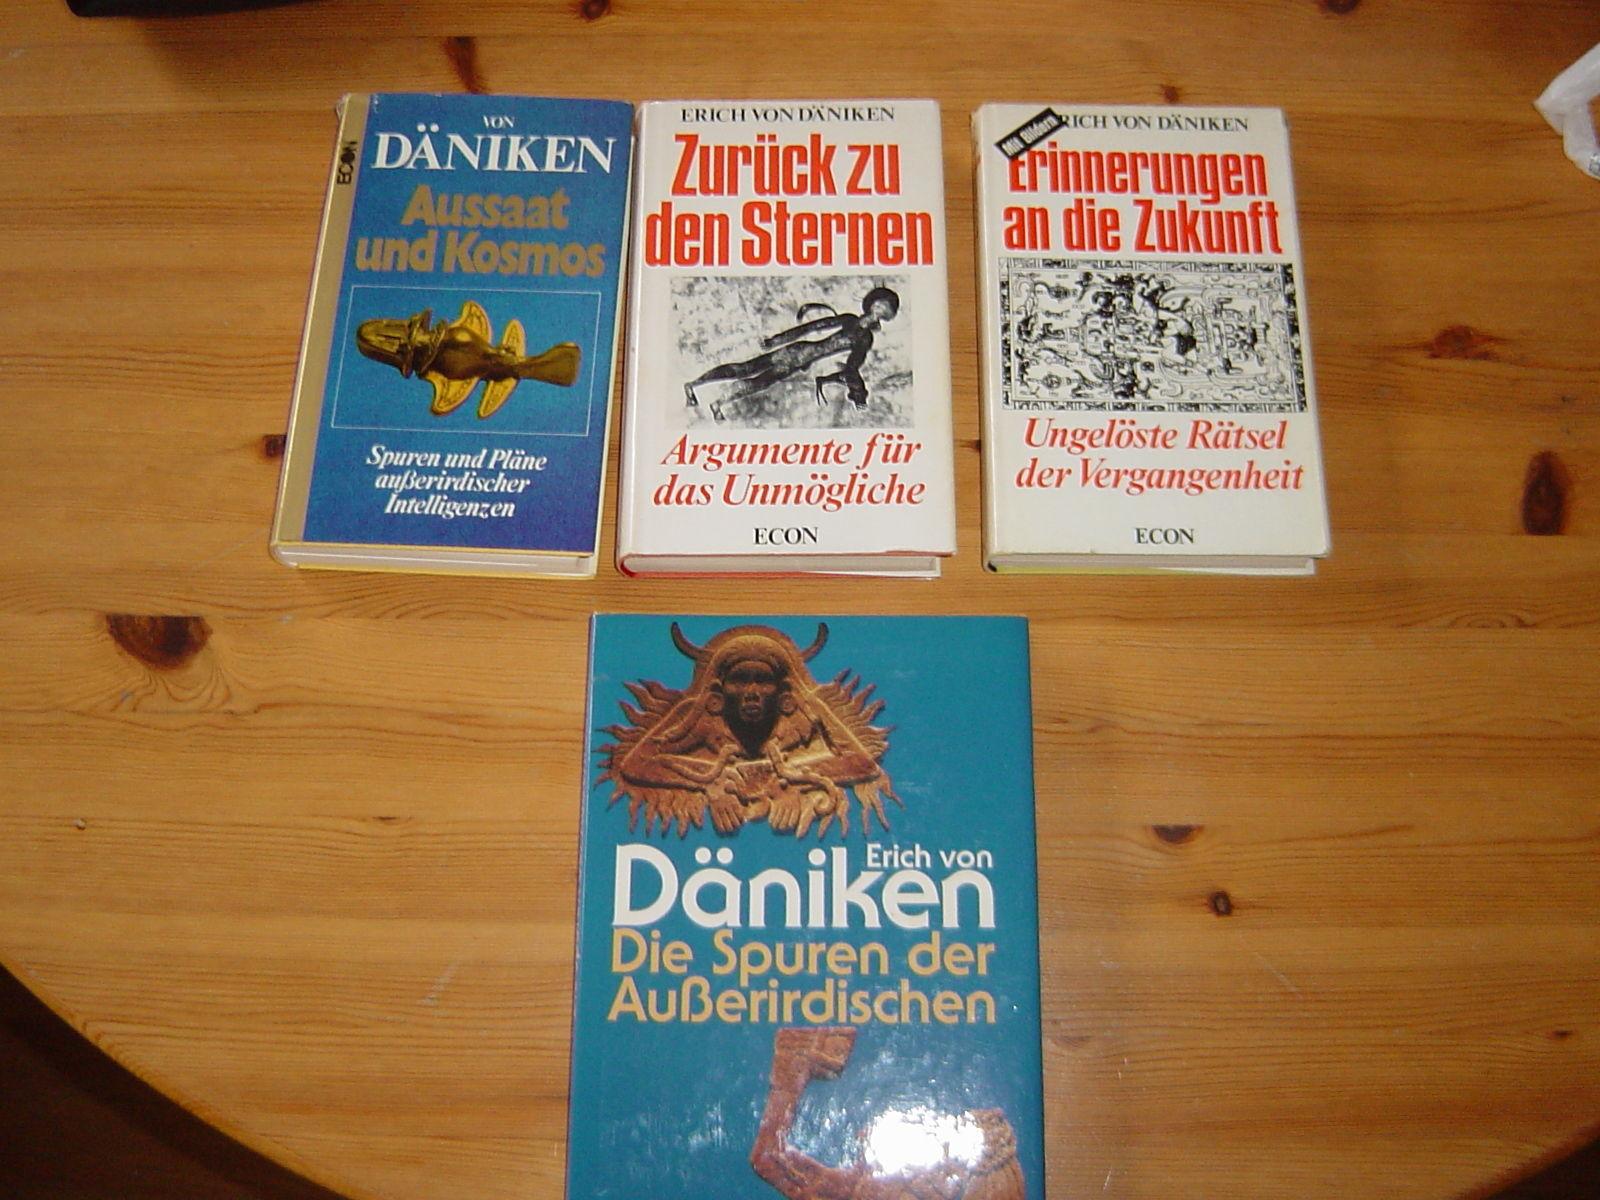 4x Erich von Däniken; Zurück zu den Sternen Erinnerungen an die Zukunft Aussaat